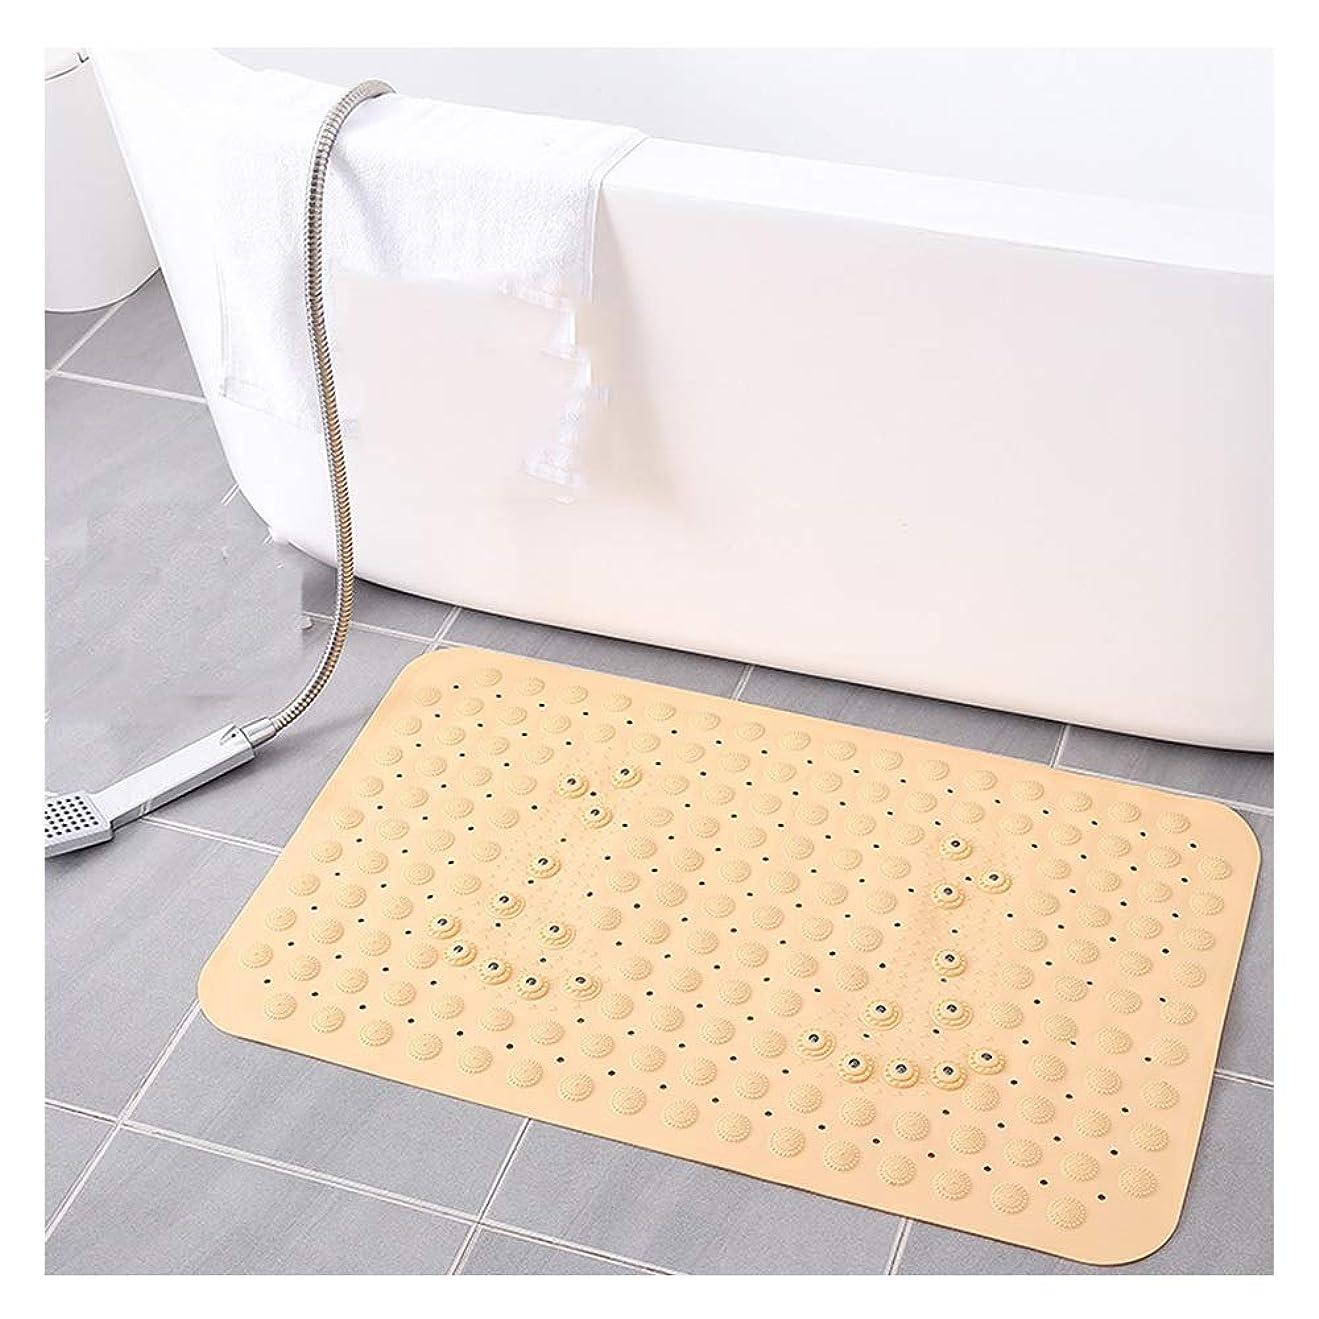 アジャパシフィック同化するGHHQQZ 2個 バスルームのカーペット 滑り止め マッサージ 強力な吸盤 シャワー フットパッド トイレ 浴場、 カーペット 10色、 厚さ0.9 cm (Color : Yellow, Size : 50x80cm)